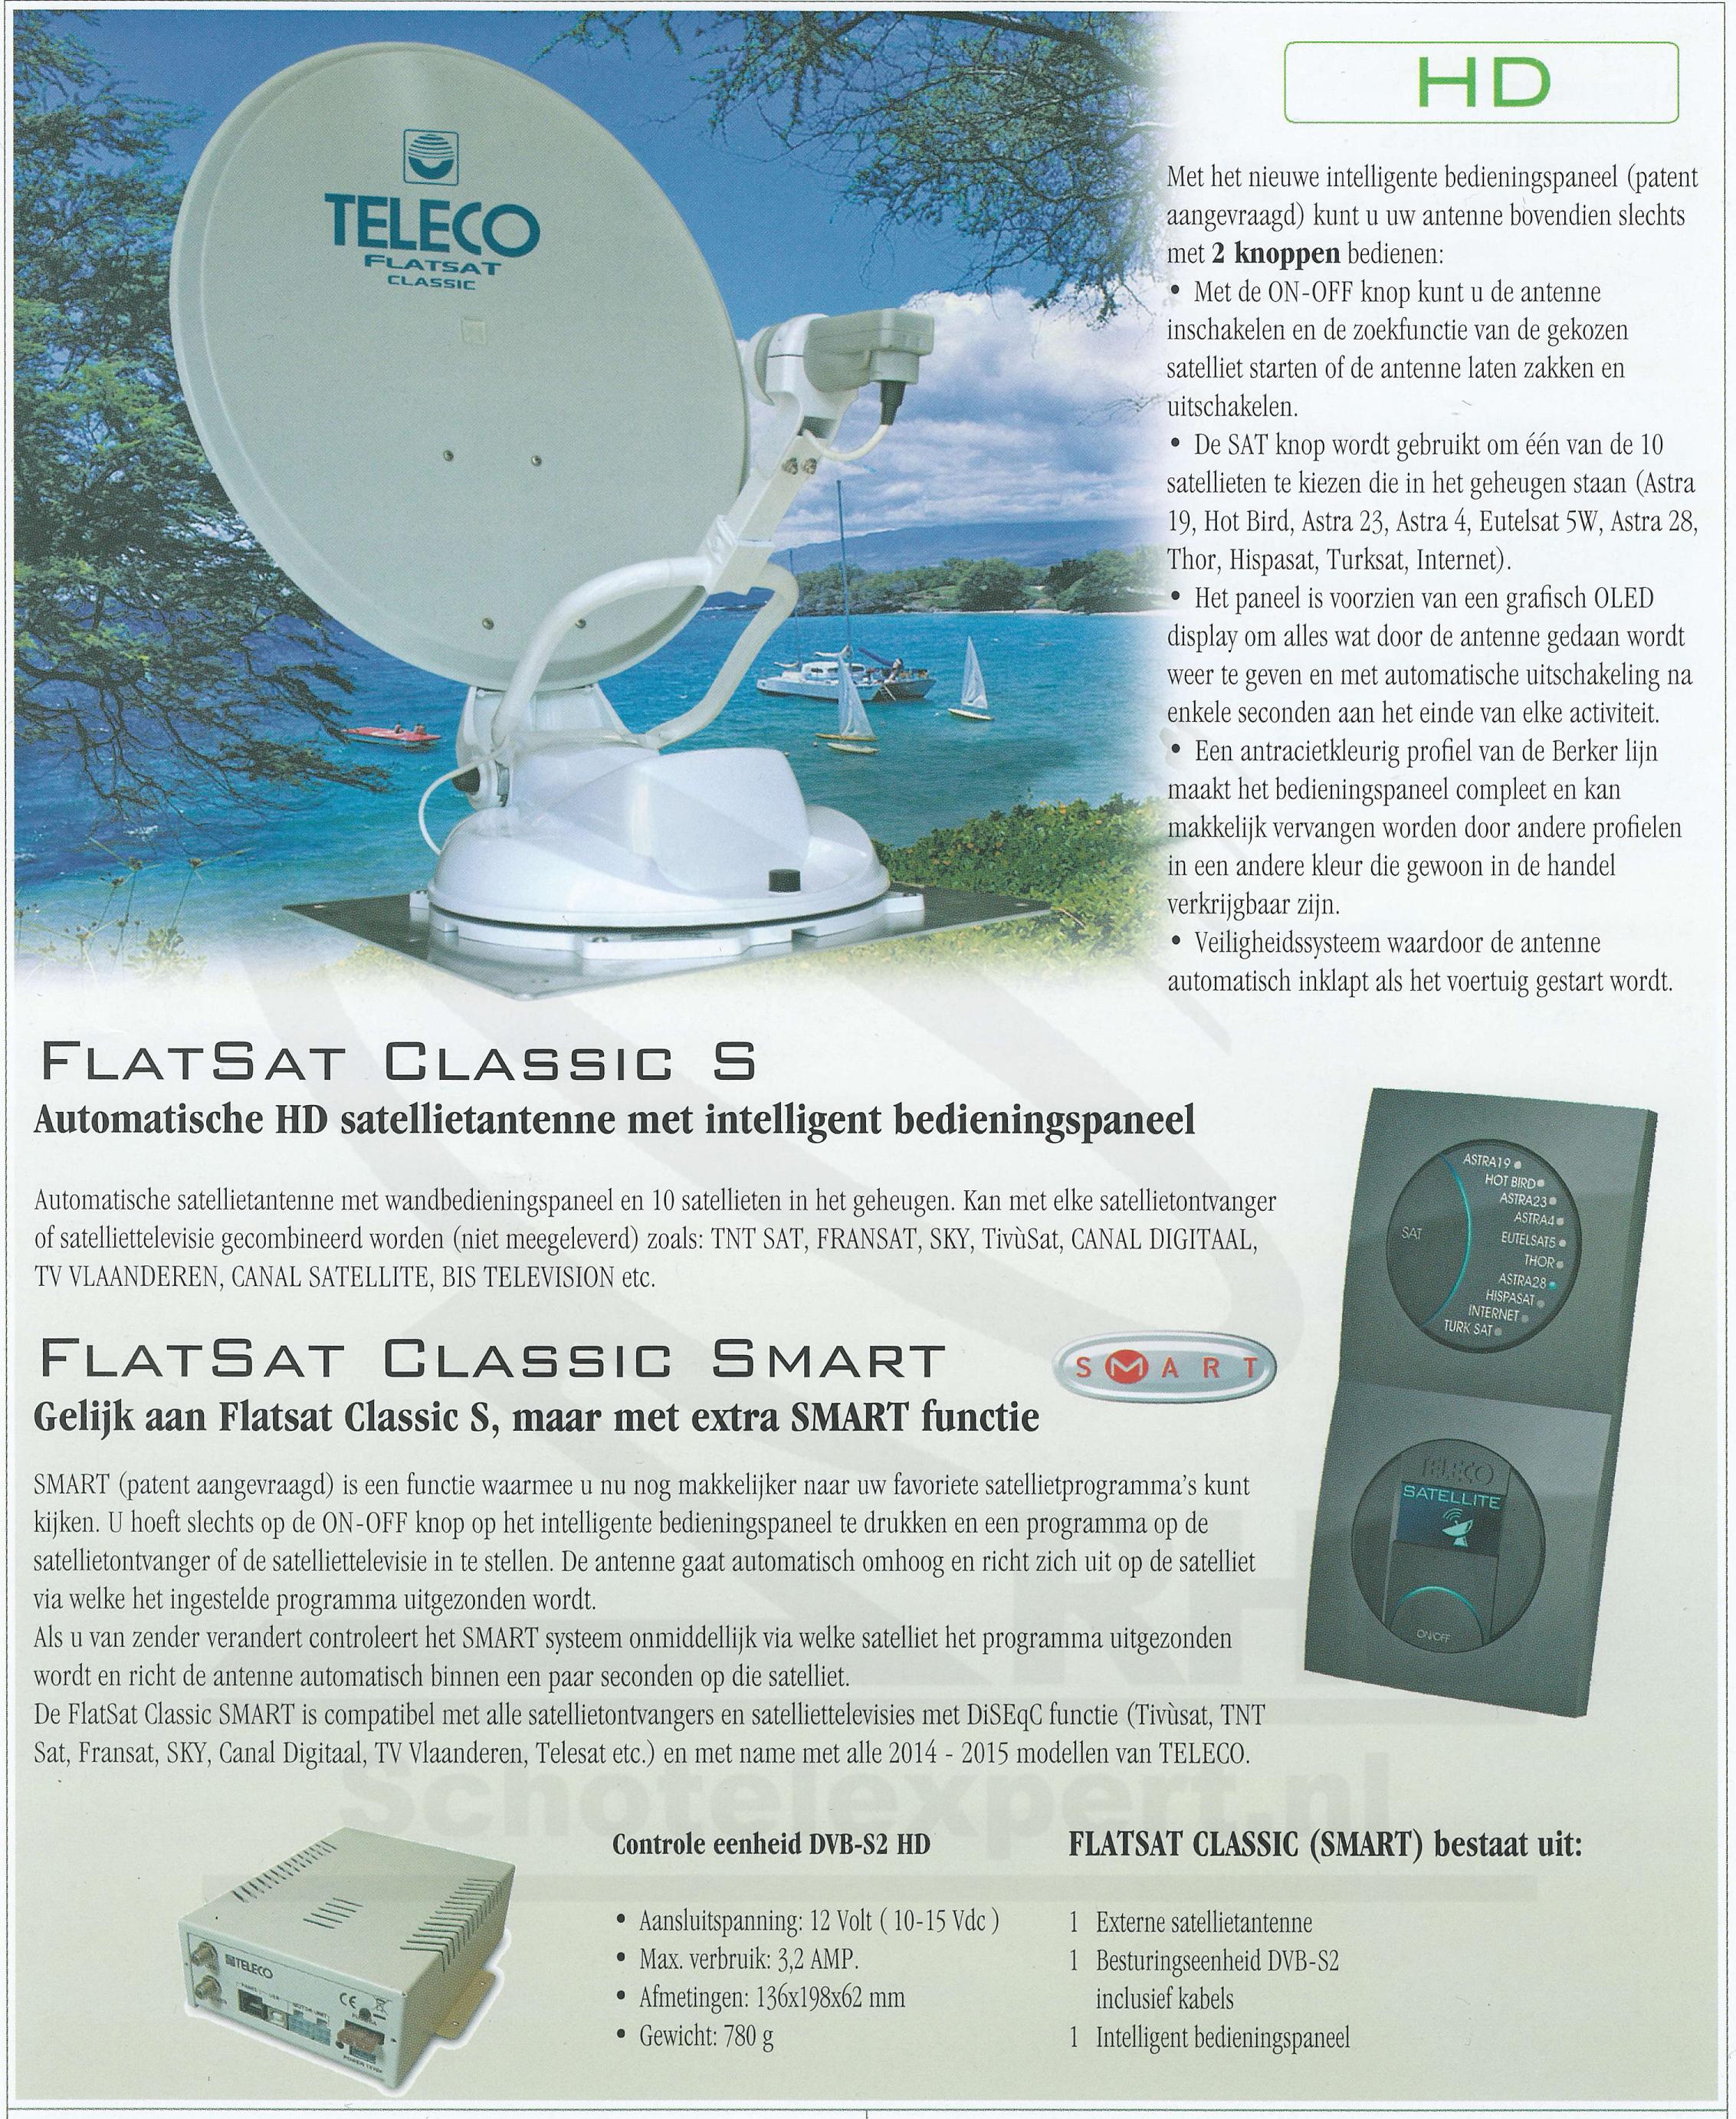 Flatsat Classic Smart